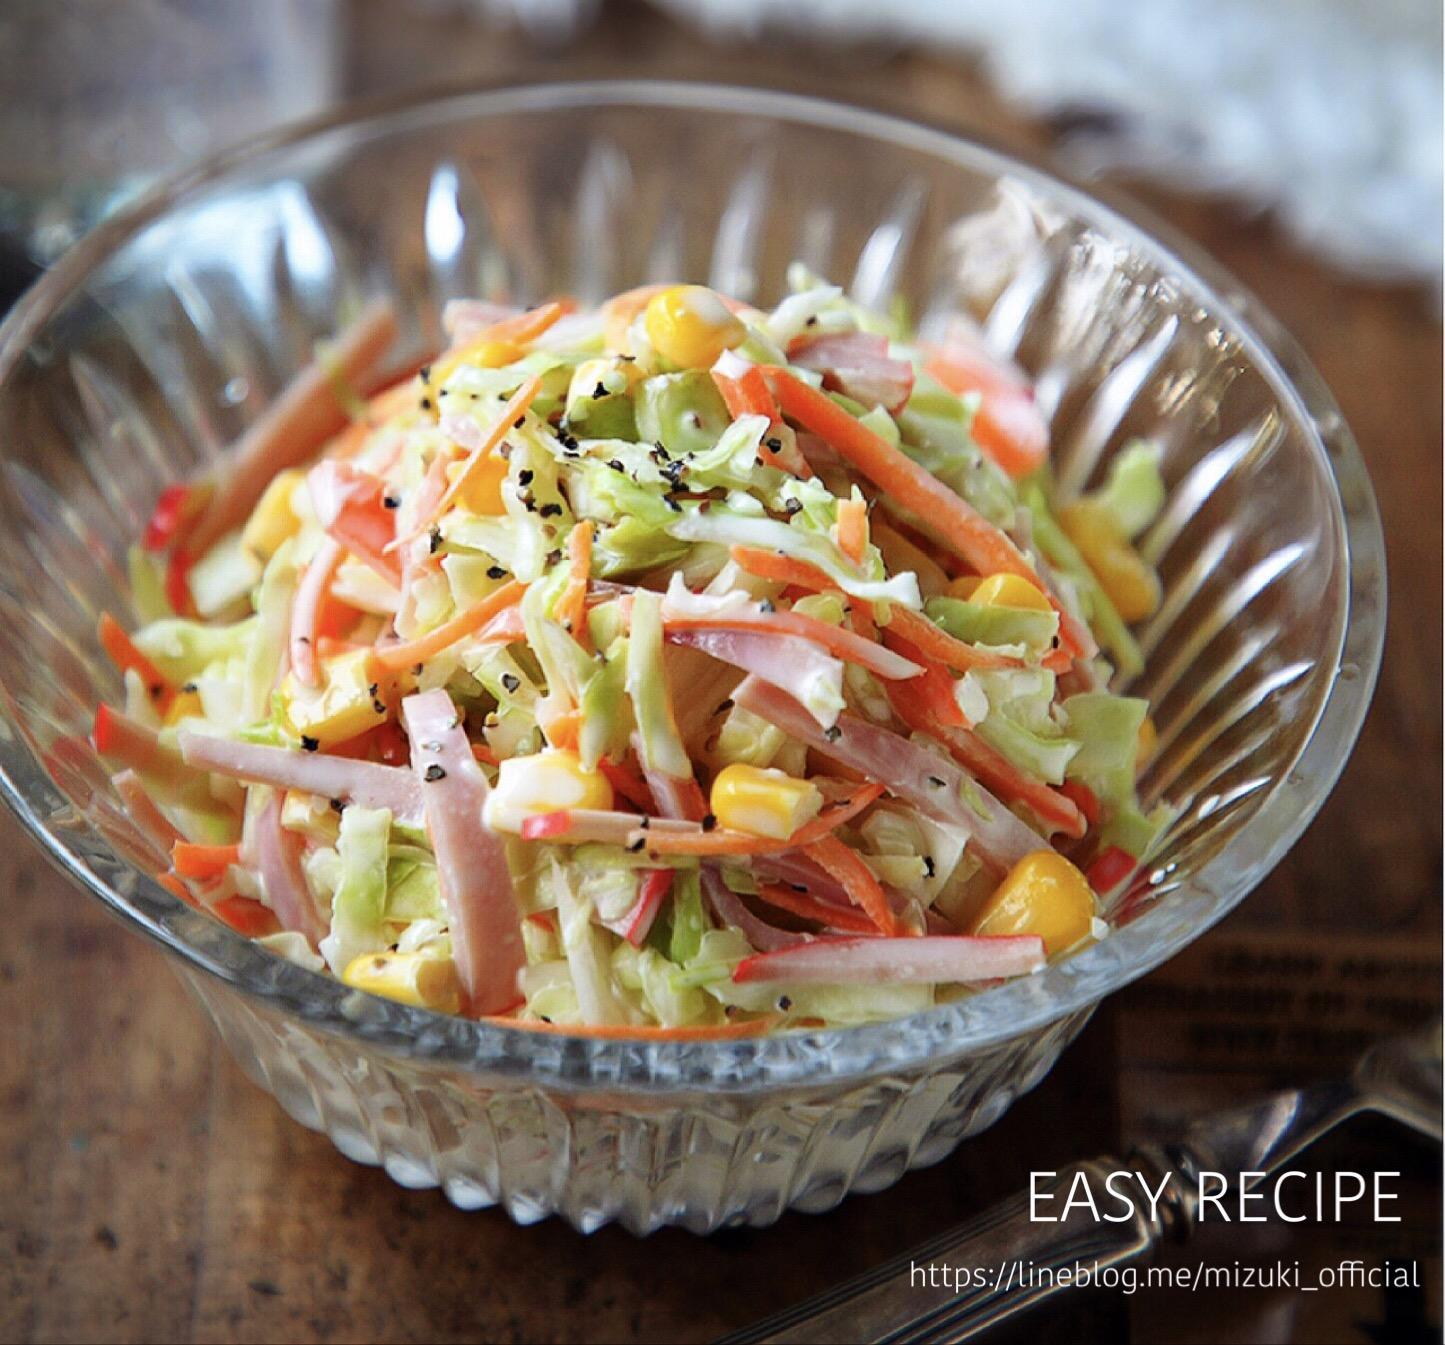 ♡さっぱりまろやか♡抱えて食べたいコールスロー♡【#簡単レシピ#サラダ#作り置き】